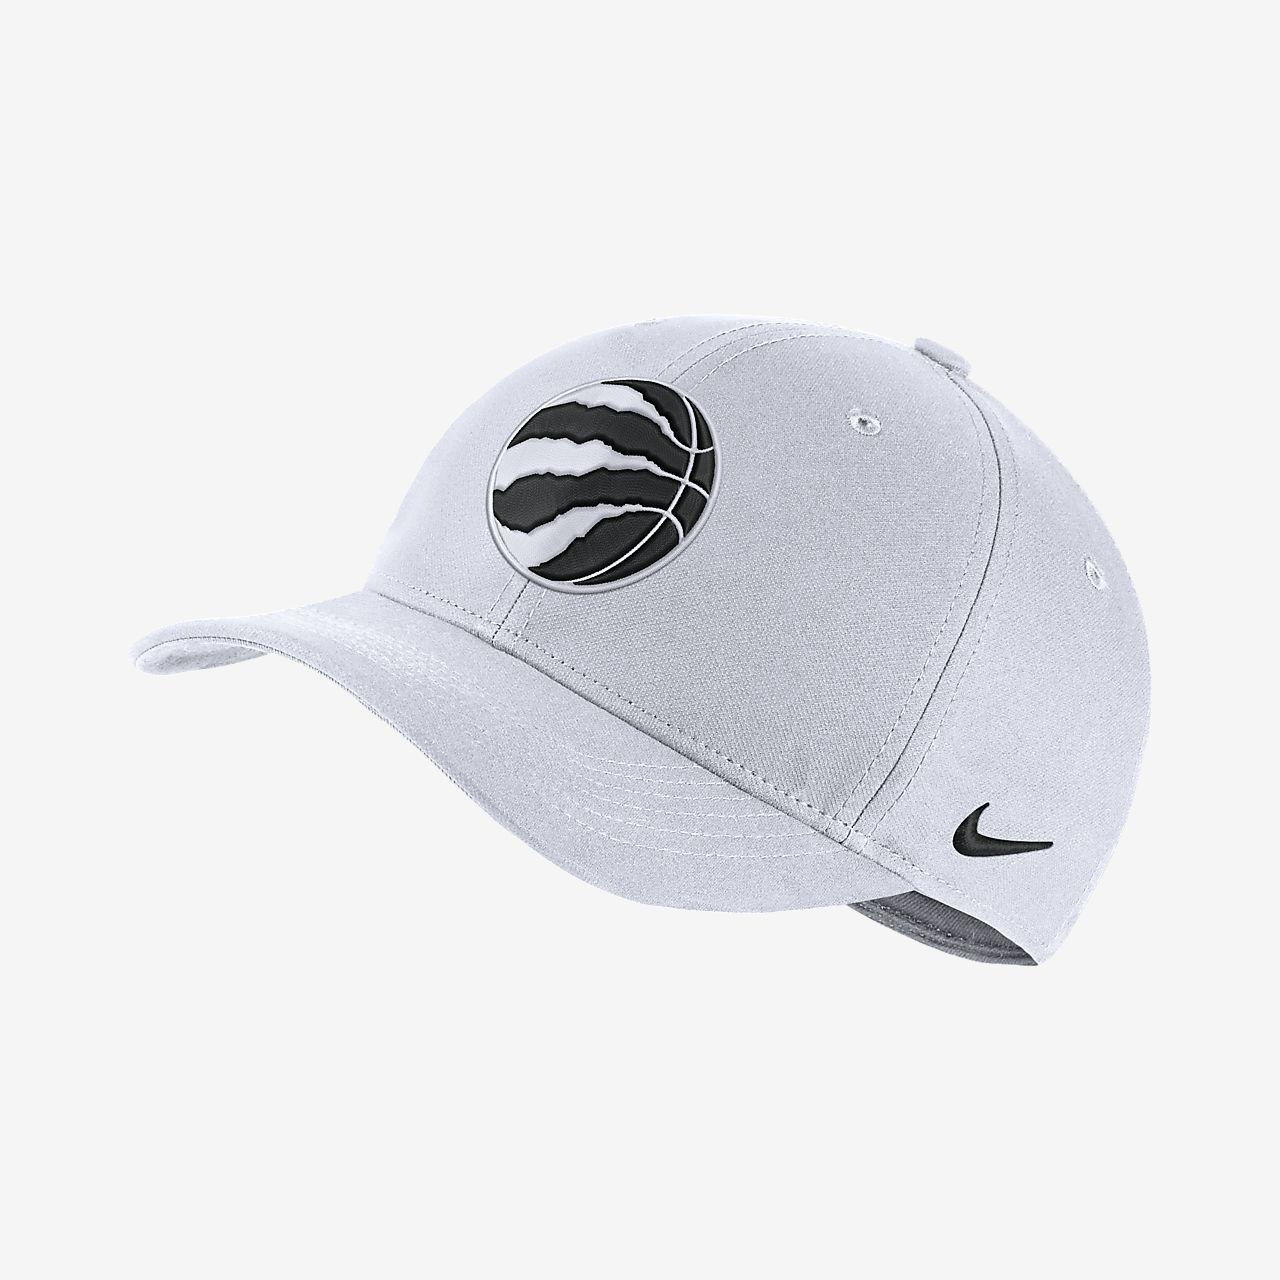 Gorra de la NBA Toronto Raptors City Edition Nike AeroBill Classic99 ... 6bdba43b9d2